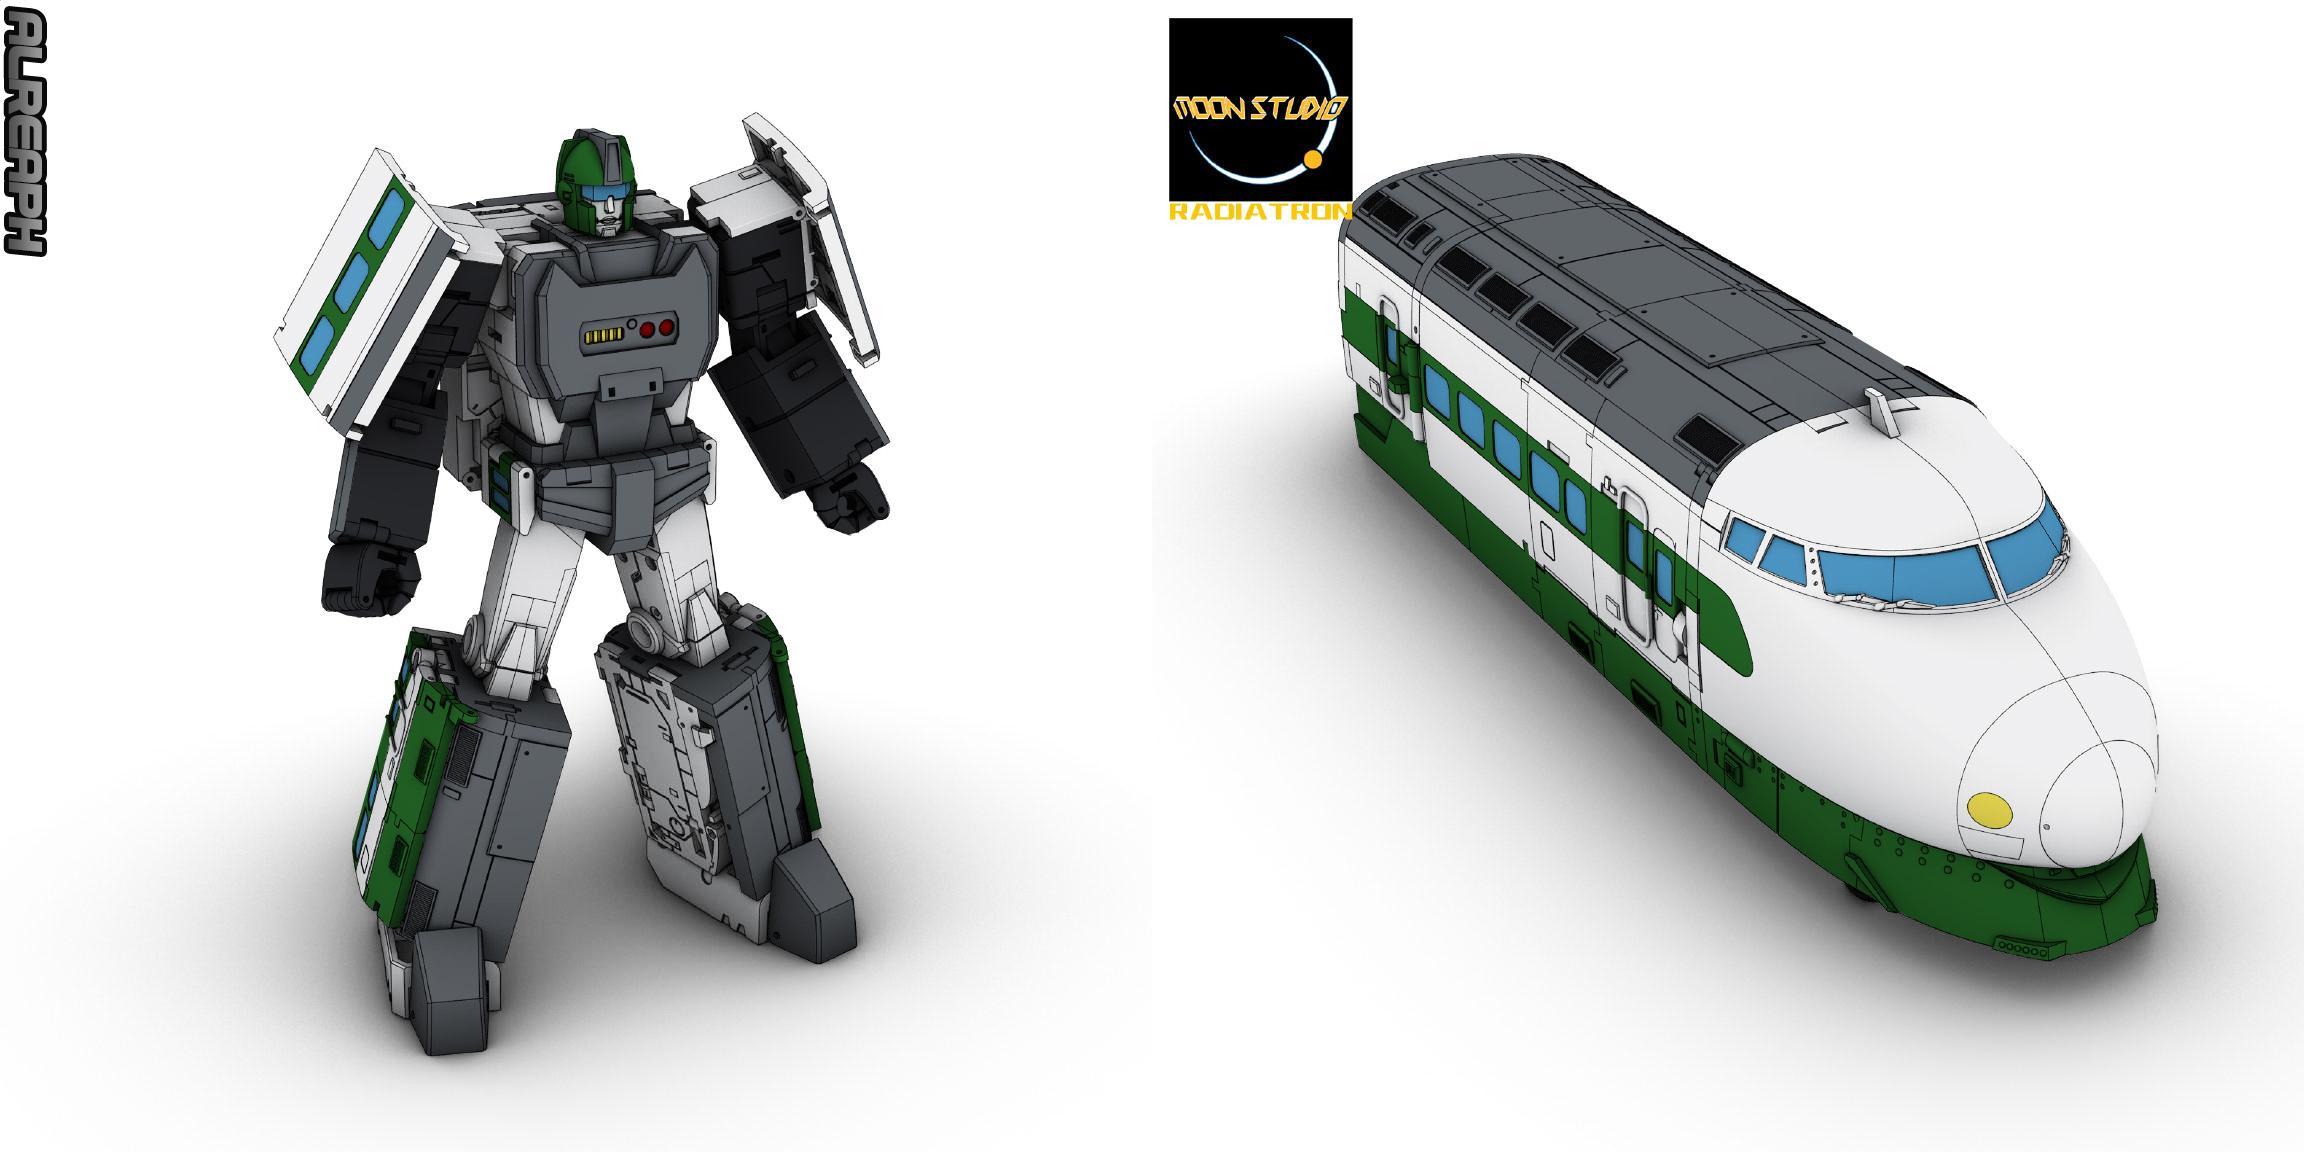 [MoonStudio] Produit Tiers - Radiatron - aka Raiden (formé par les Trainbots) NxCrcayy_o